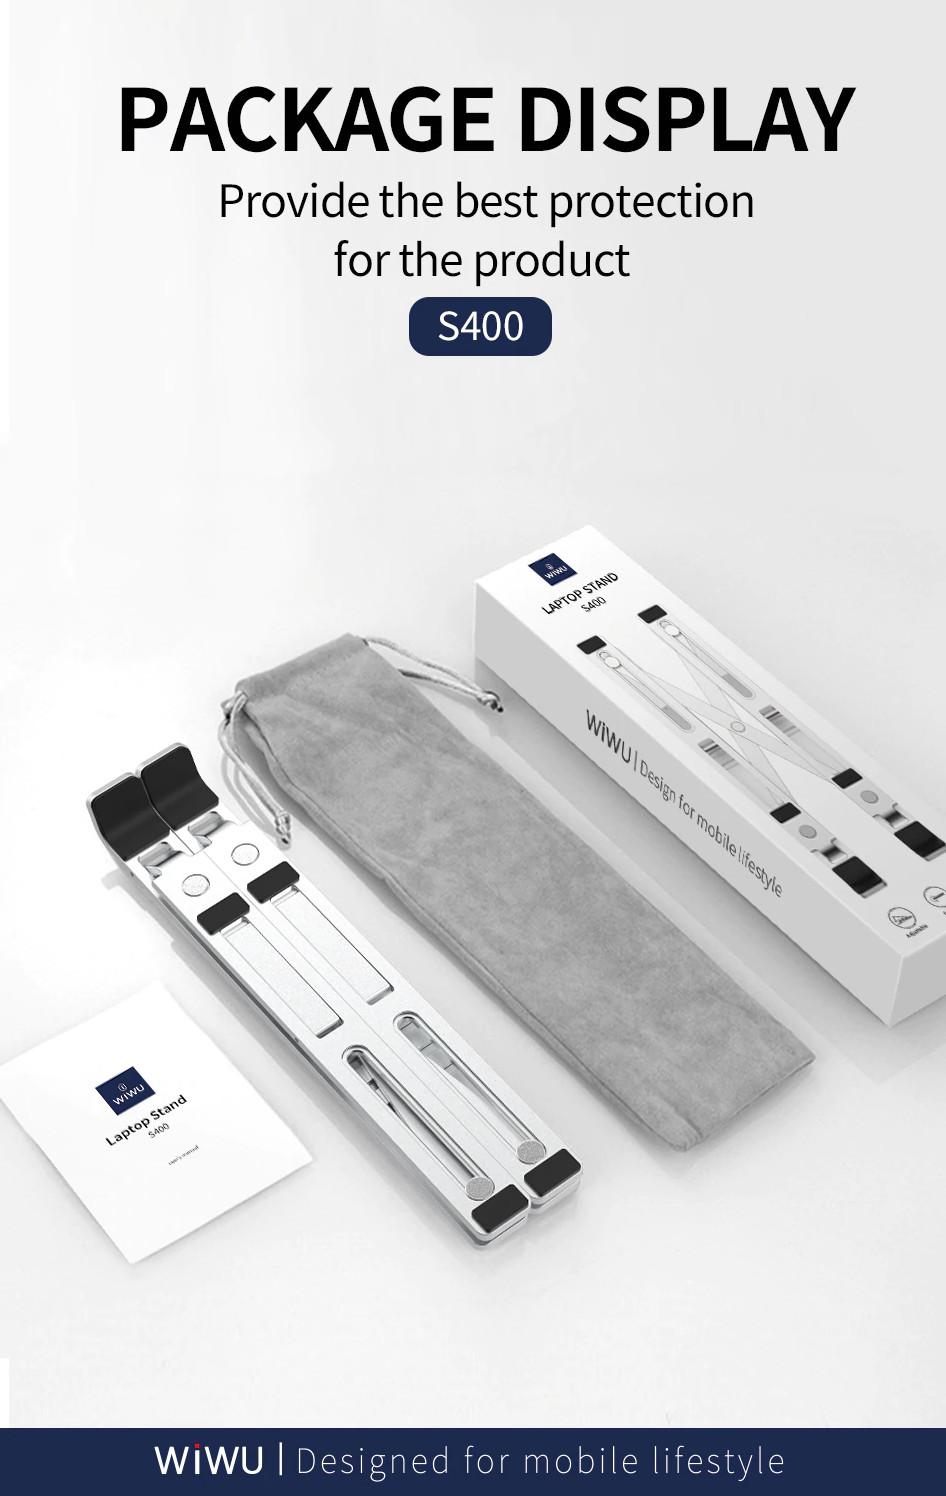 Giá Đỡ Laptop Máy Tính Bảng Macbook VINETTEAM S400 Để Bàn Hợp Kim Nhôm Có Thể Gấp Gọn Cao Cấp Giúp Tản Nhiệt Gọn Nhẹ Sử Dụng Từ 13 - 16 Inch - hàng chính hãng